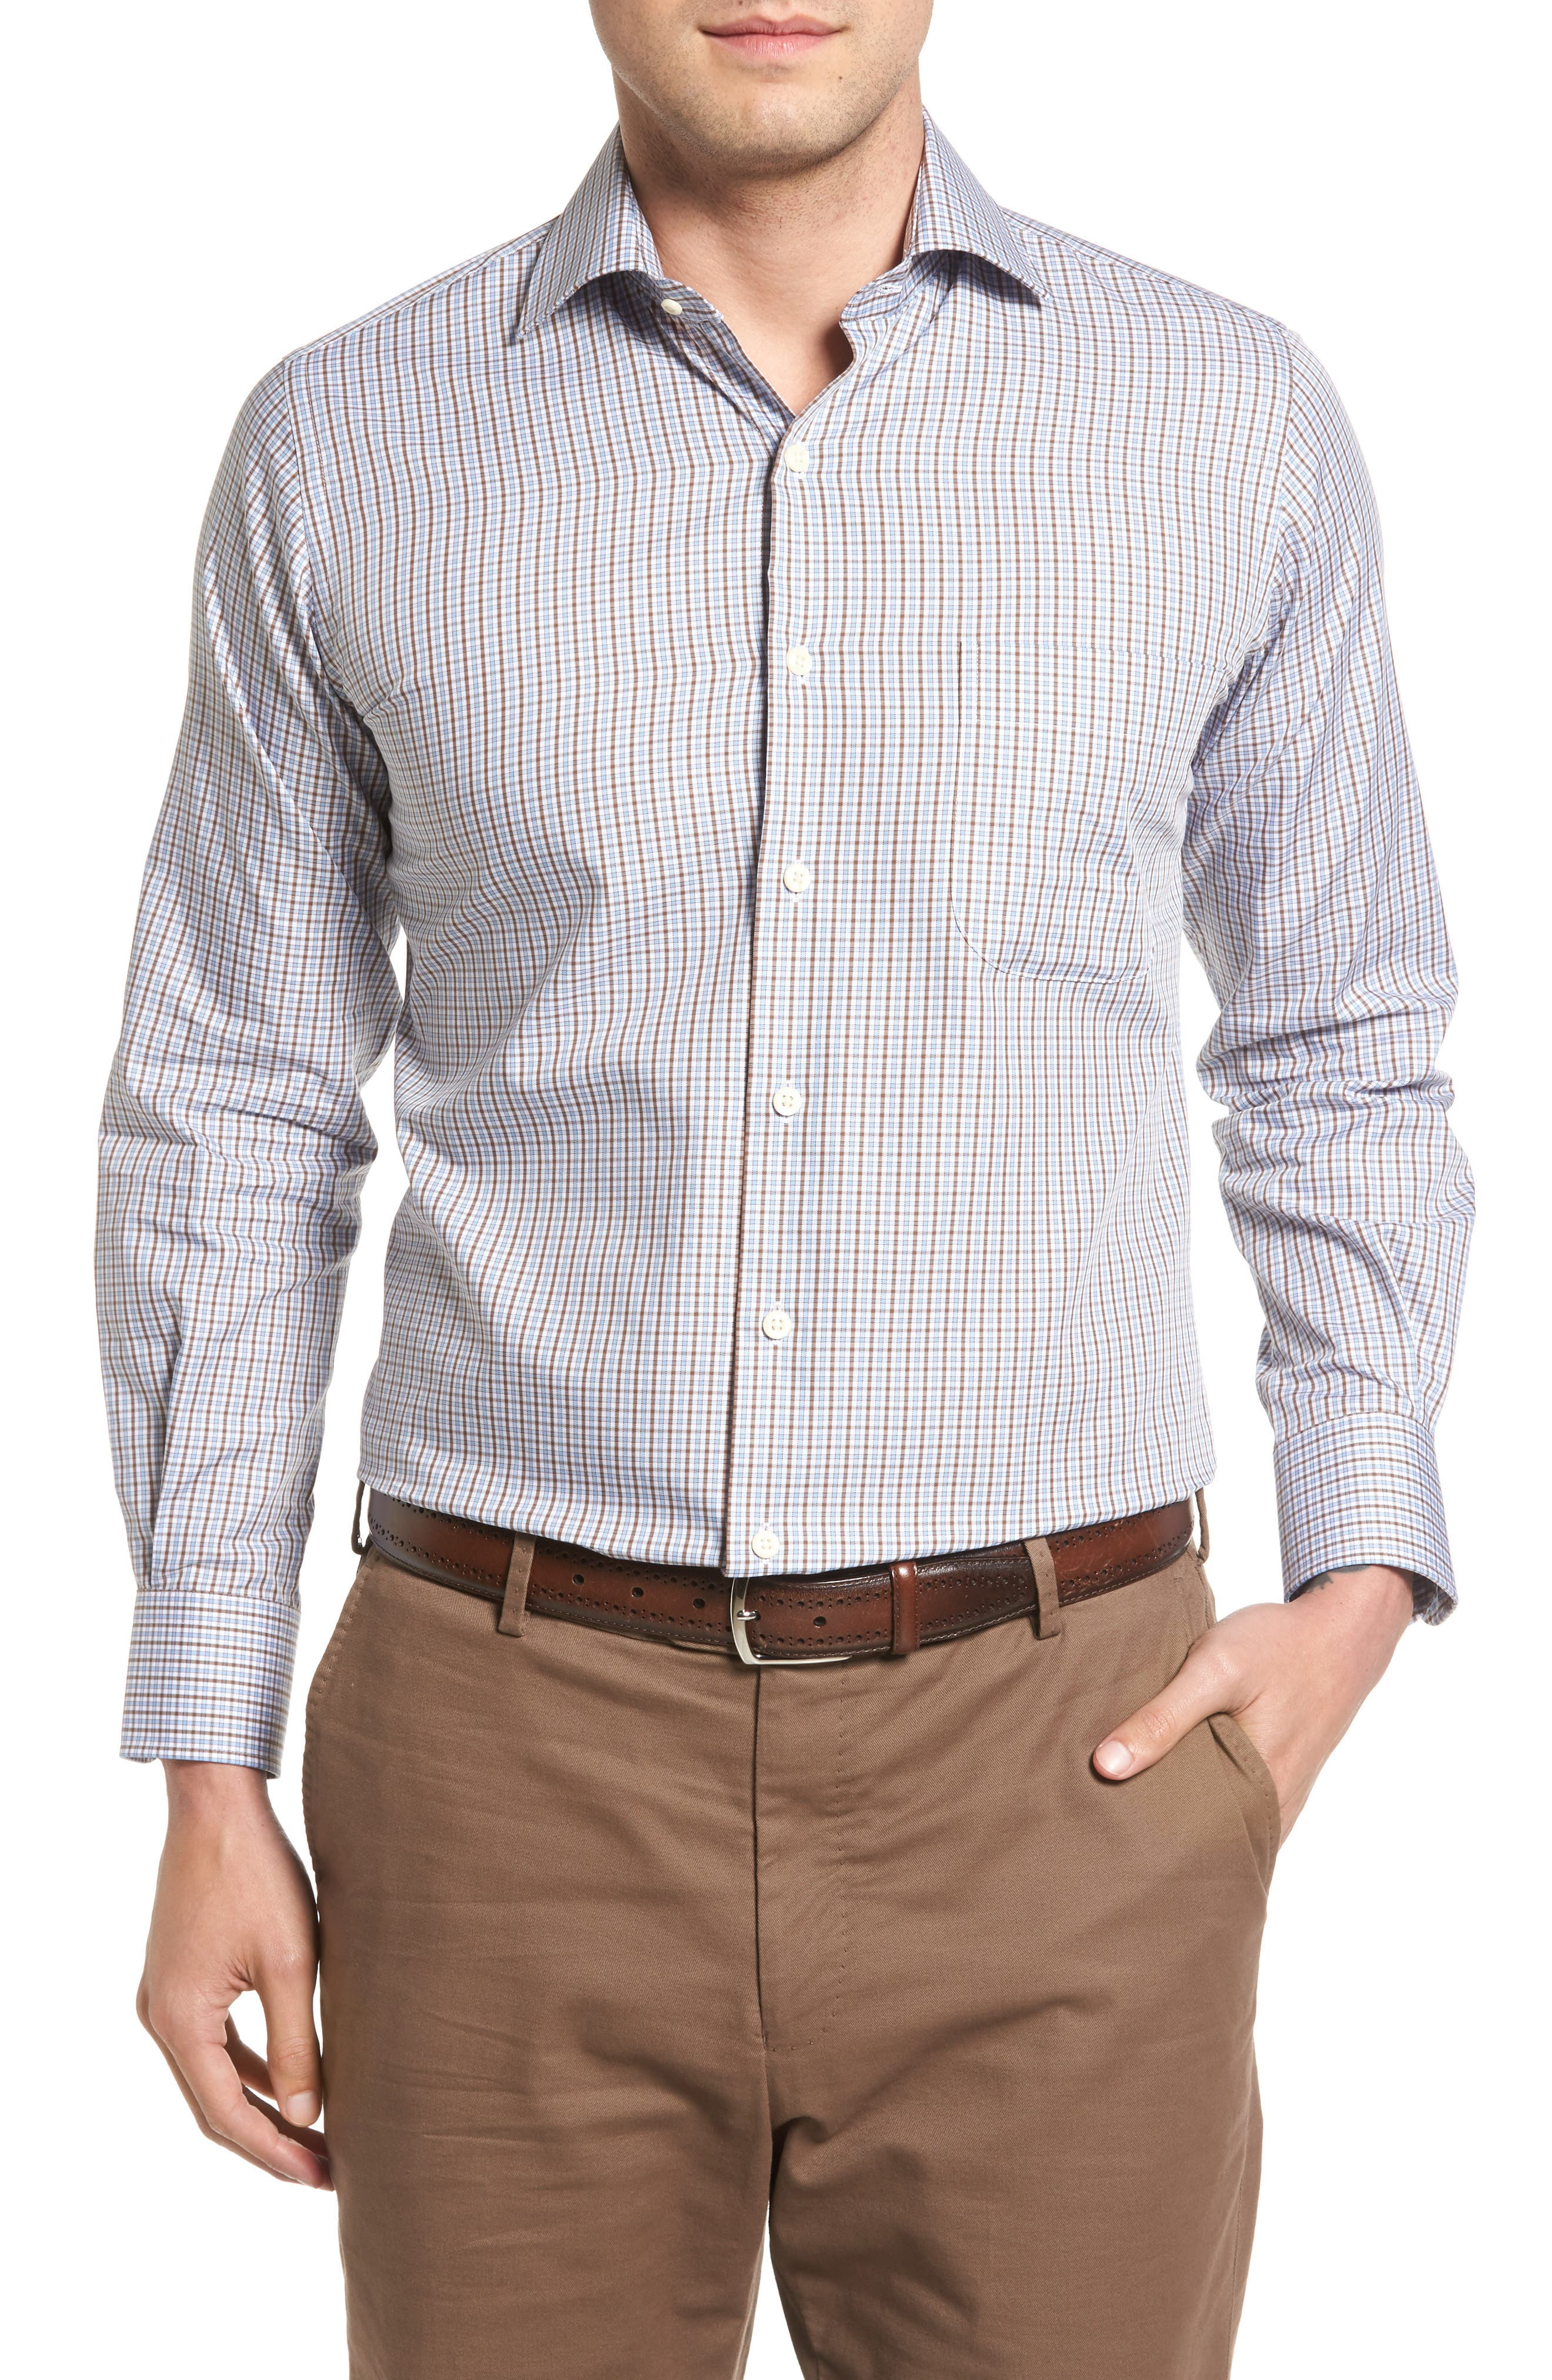 Peter Millar Regular Fit Fall Check Sport Shirt